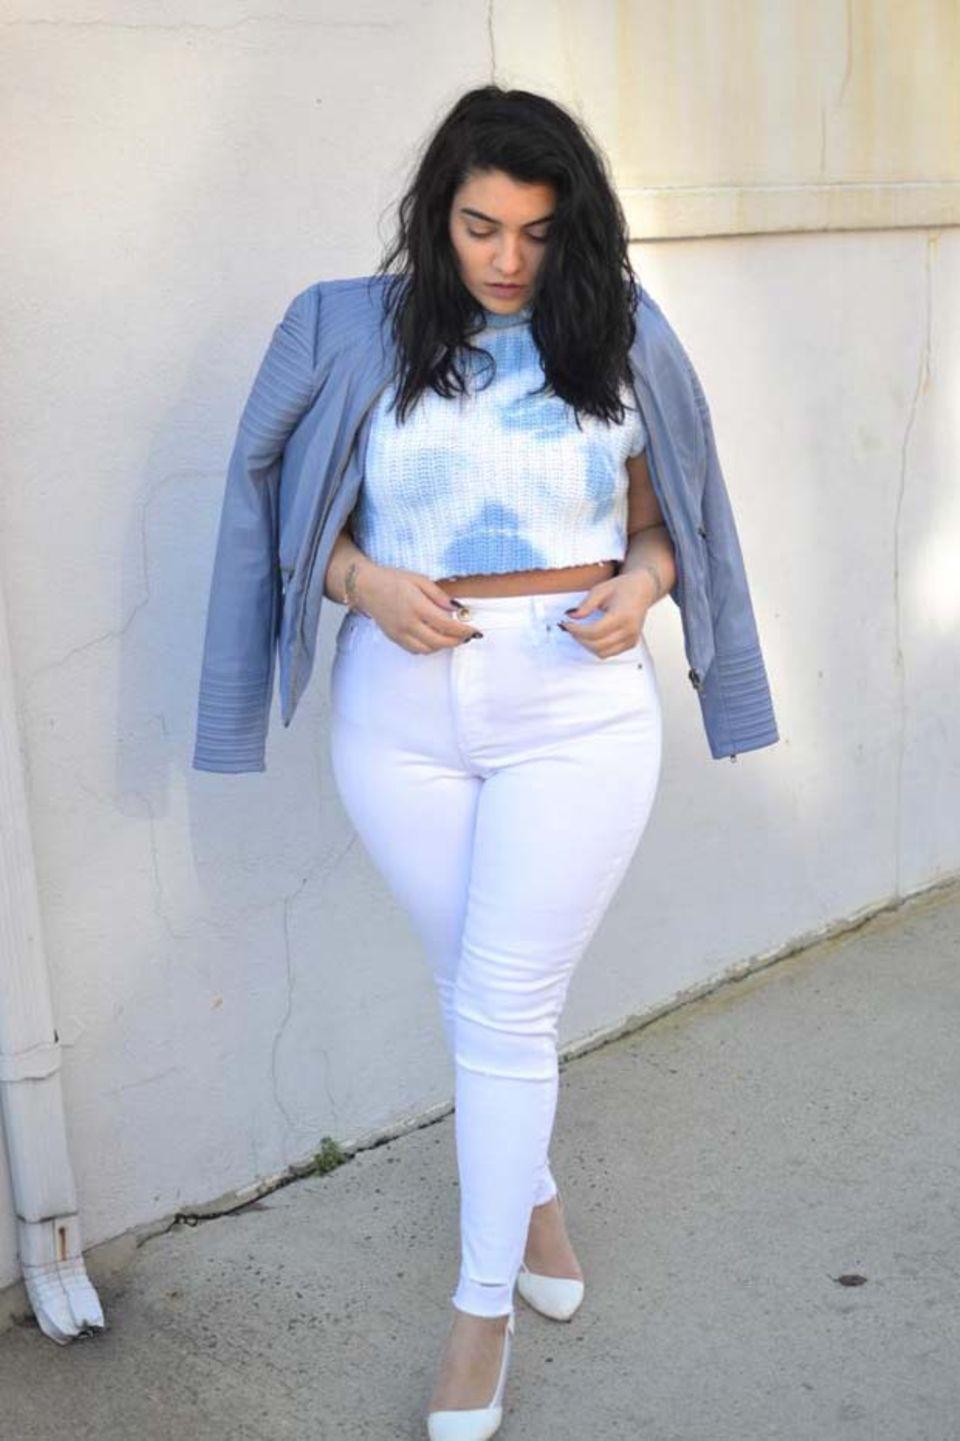 Nadia Aboulhosn liebt ihren Körper